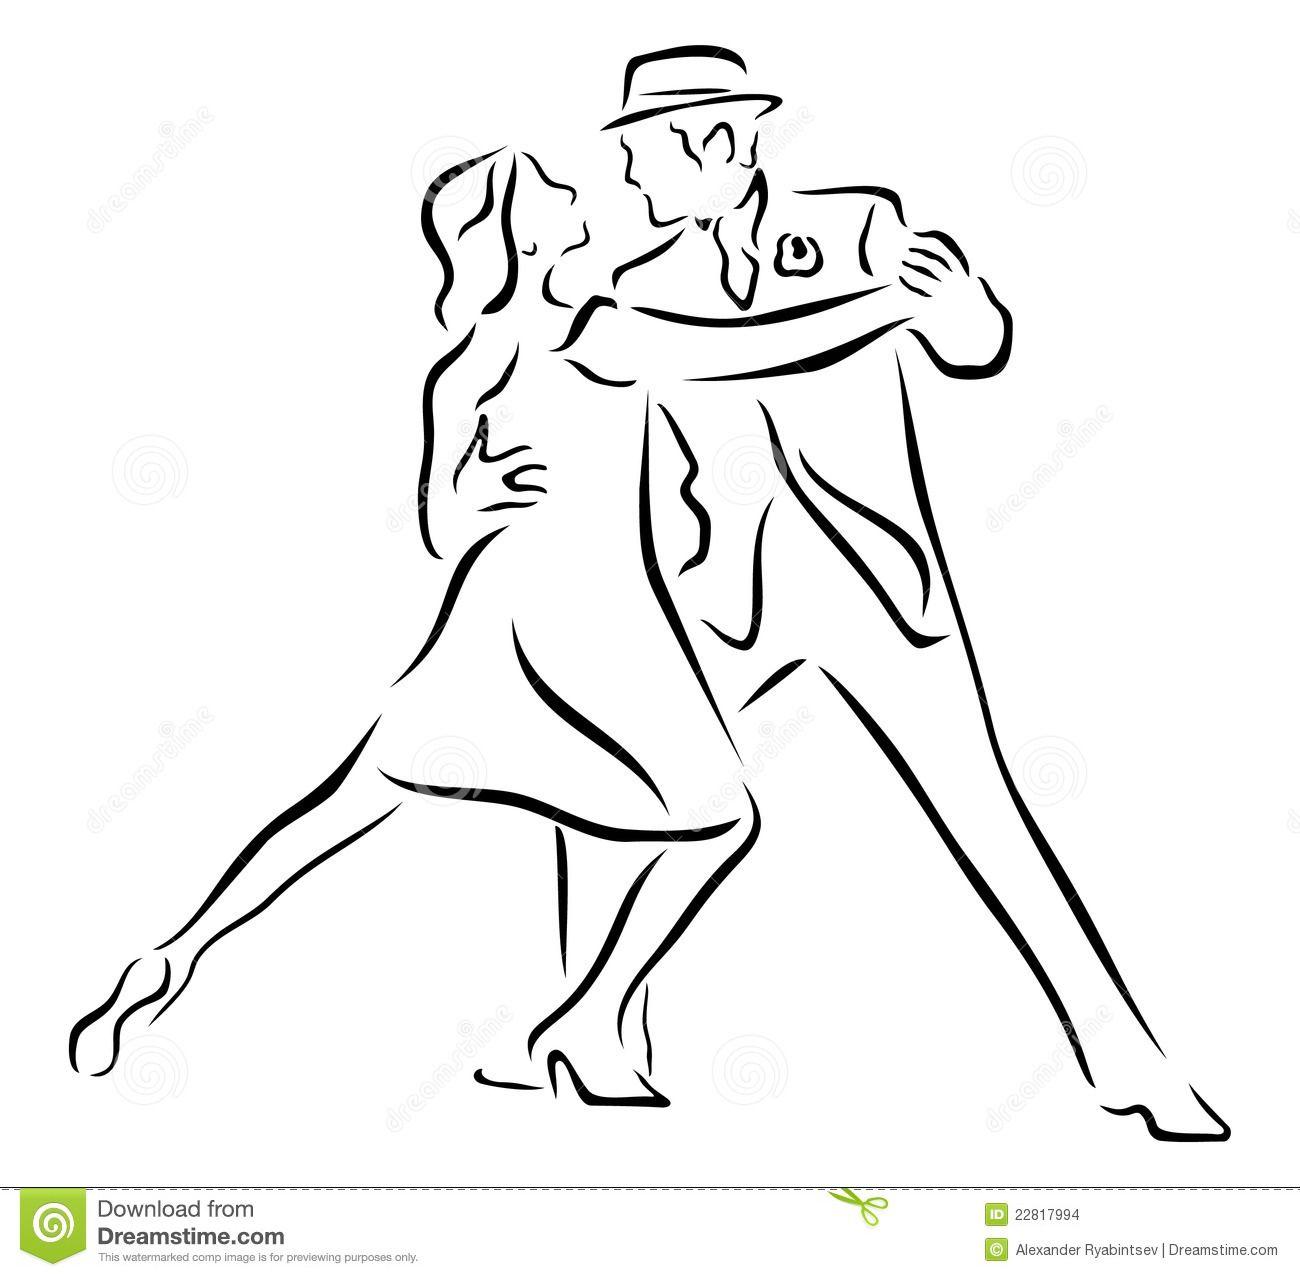 Resultado de imagen para siluetas de tango | Idée toiles | Pinterest ...